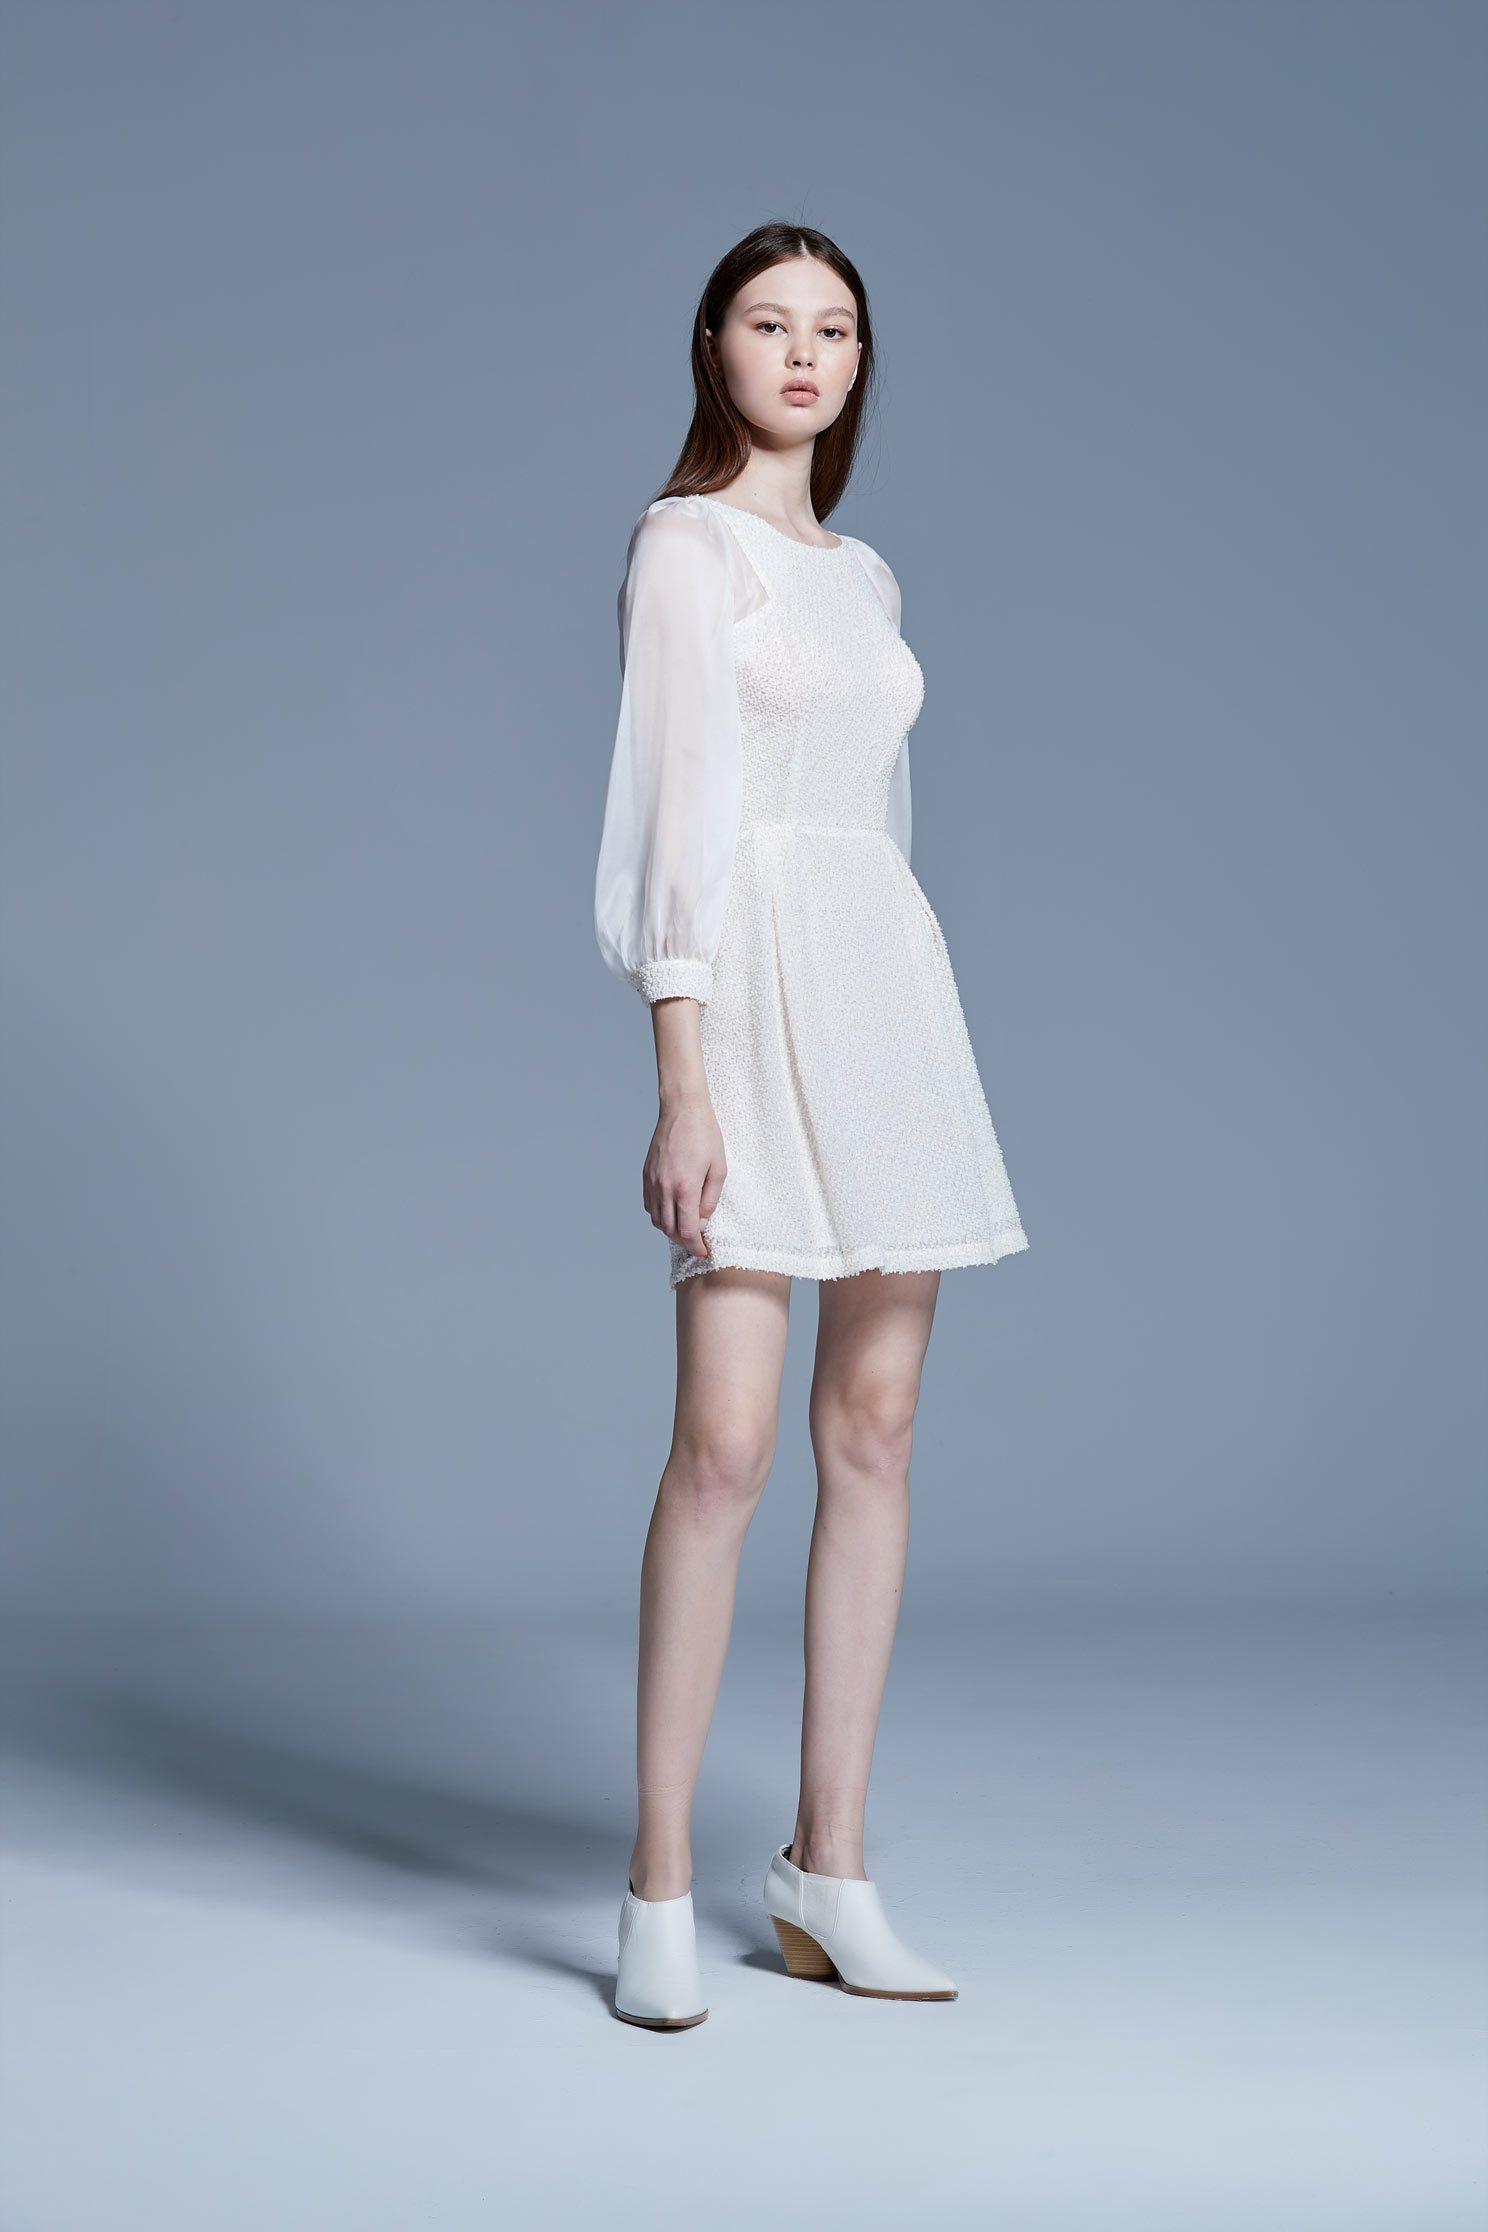 Feather gold silk dress,Cocktail Dress,White dress,Evening Wear,長袖洋裝